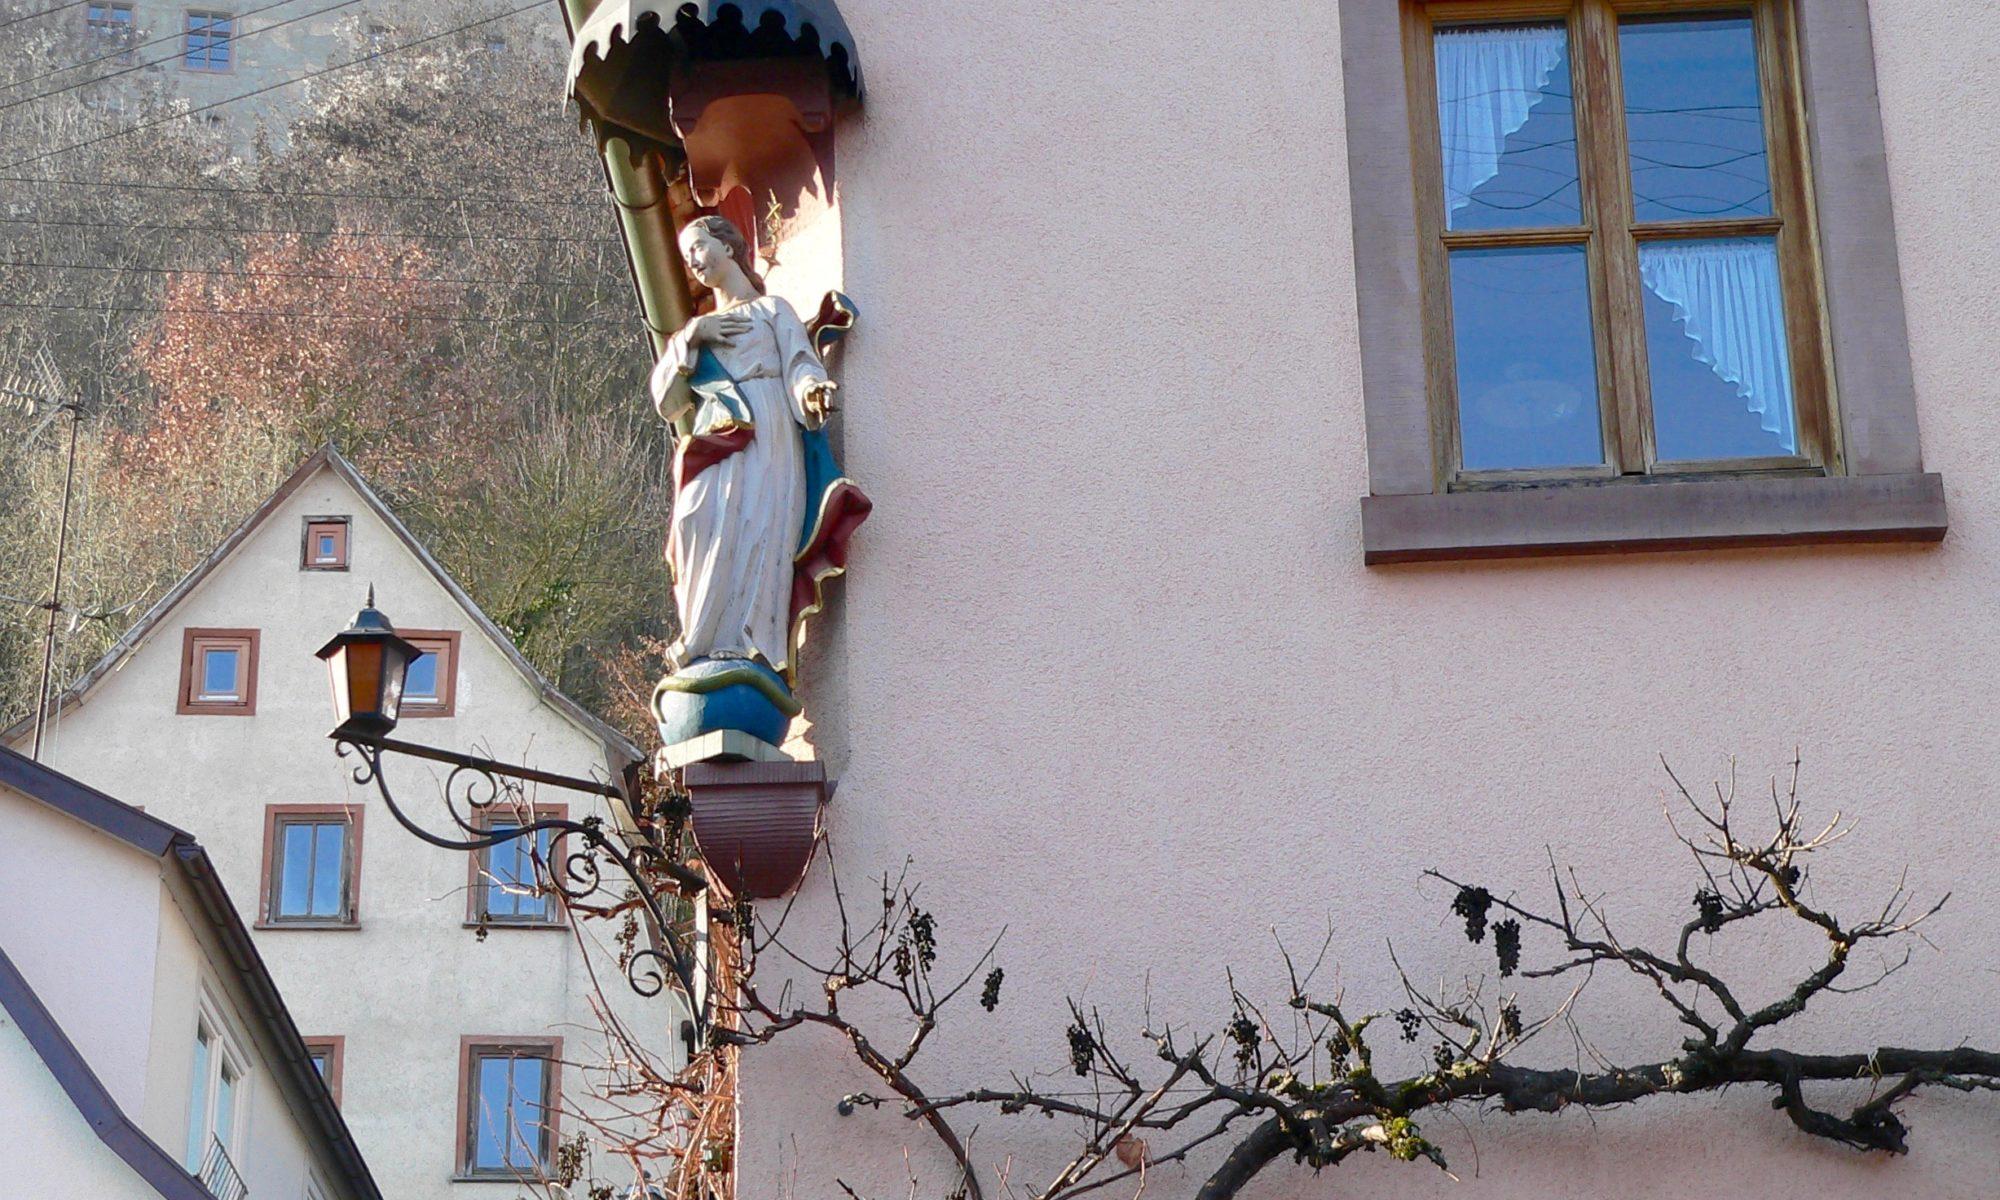 Vergessene Träubel in der Hauptstraße von Rothenfels. | Foto: B. Schneider